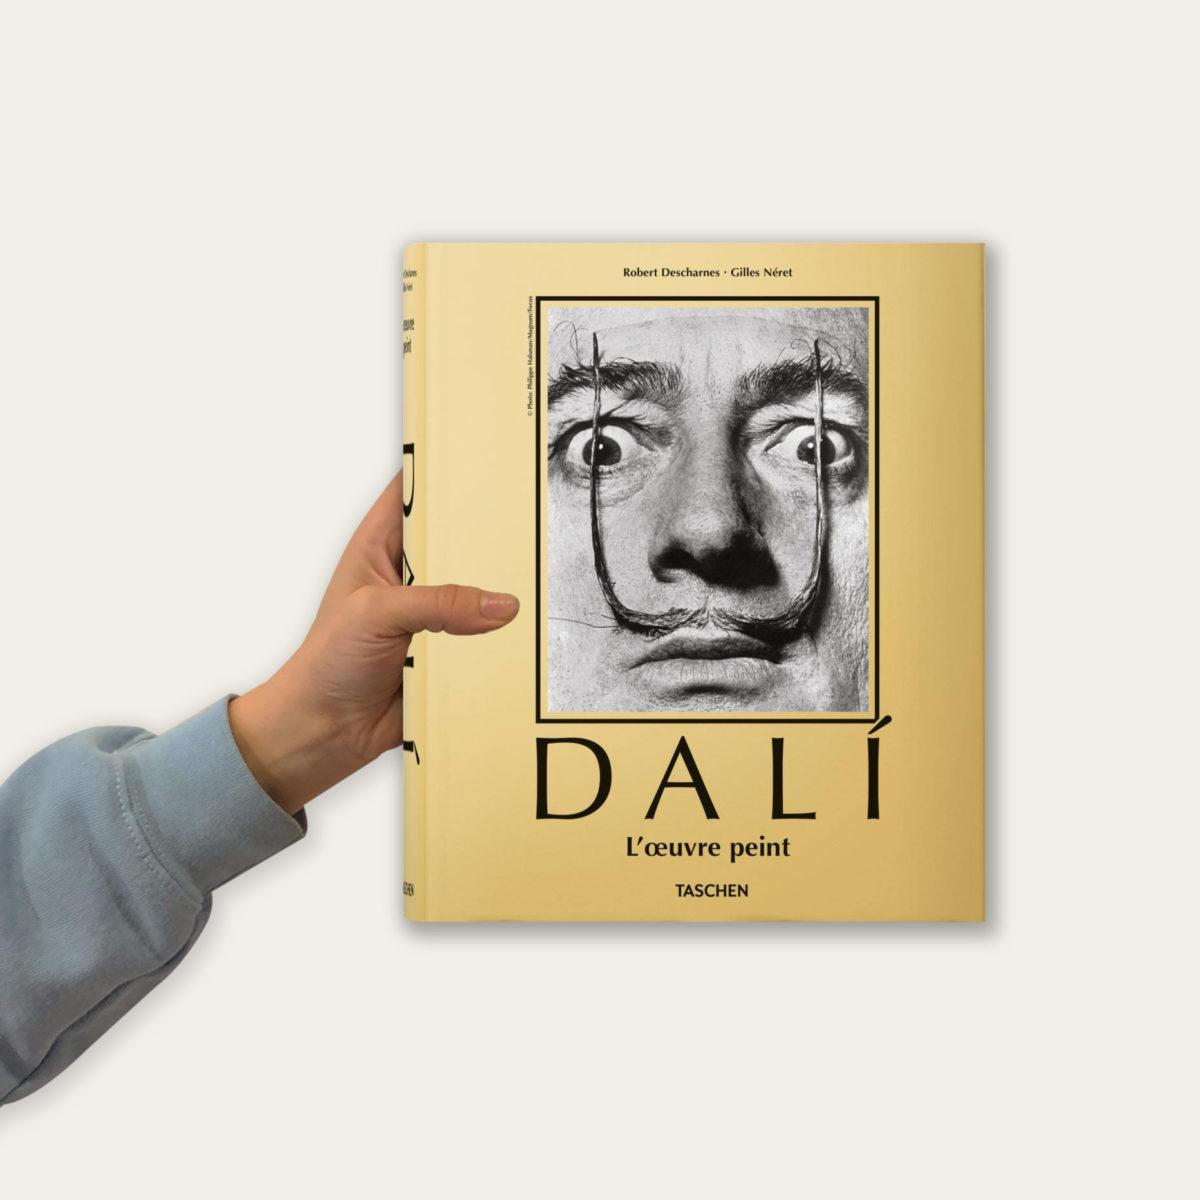 Dalí. L'œuvre peint